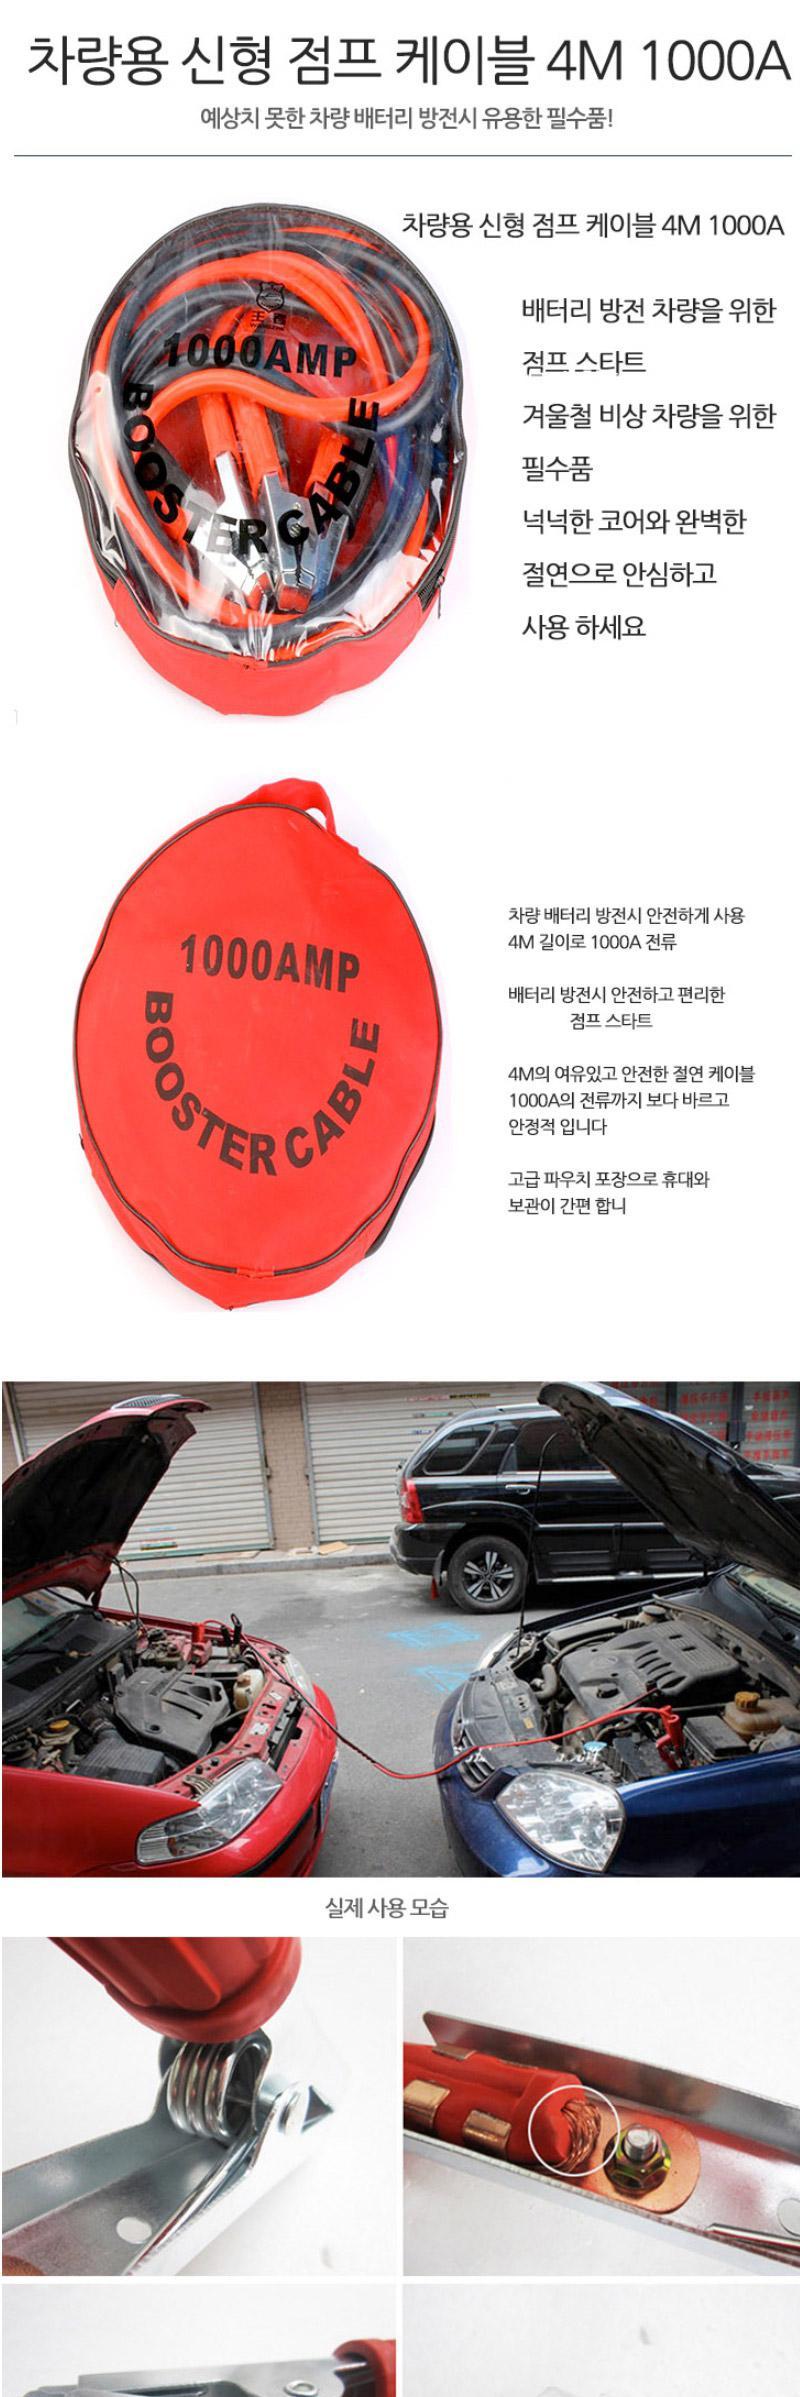 차량용 신형 점프 케이블 4M 1000A 자동차점프스타터  자동차점프스타터 생활용품 자동차배터리충전기 방전케이블 배터리점프